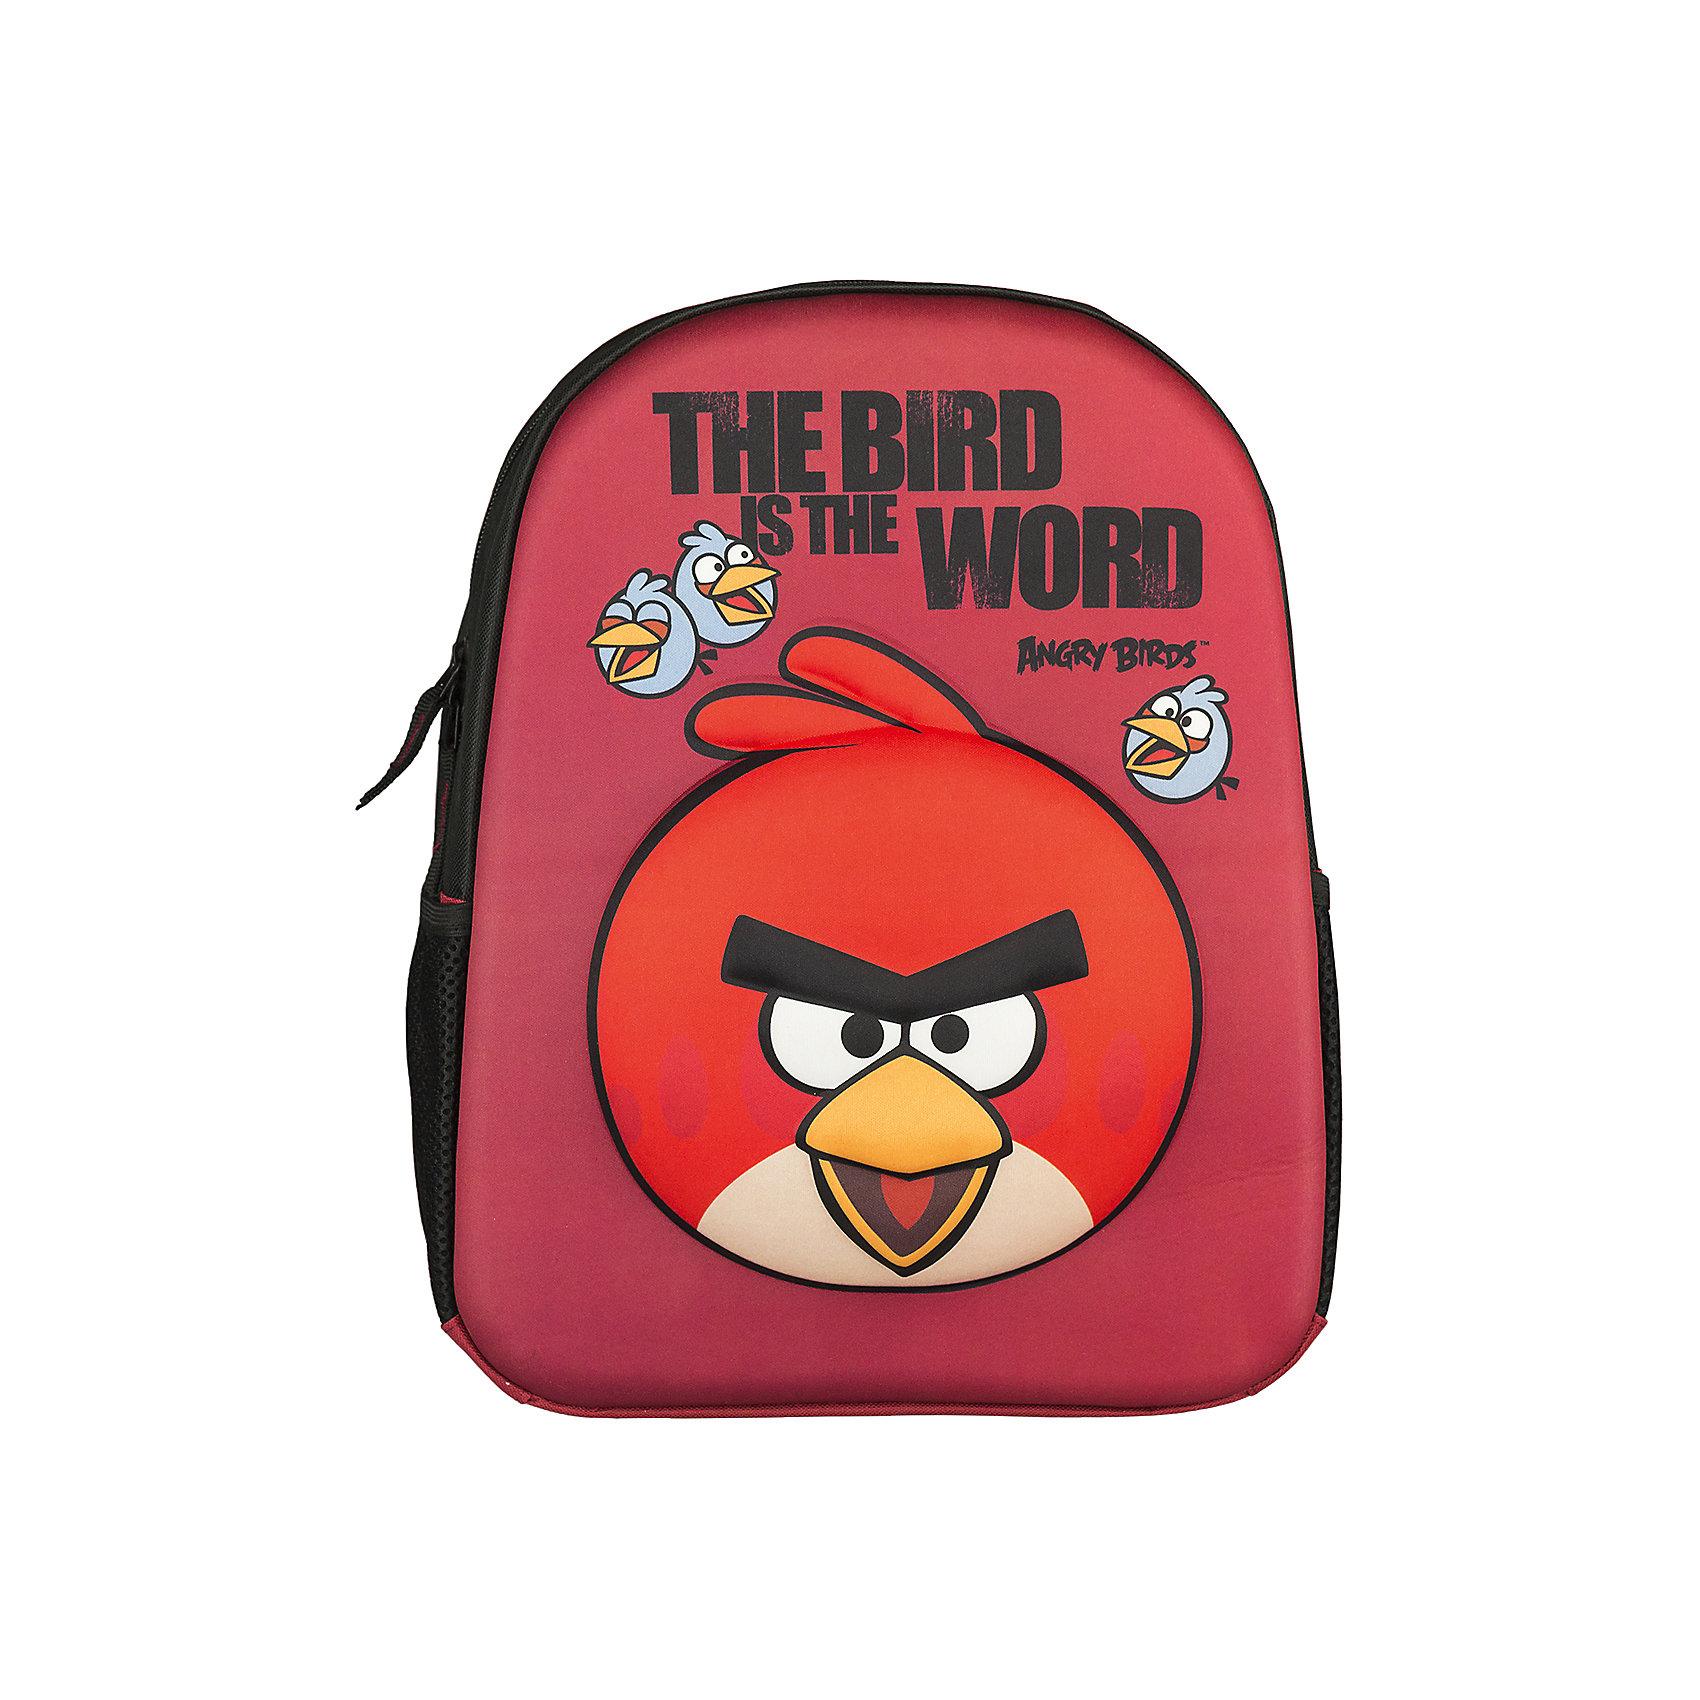 Рюкзак школьный Kinderline Angry BirdsAngry Birds<br>Рюкзак, спинка мягкая, уплотненная поролоном, EVA фронтальная панель. Одно вместительное отделение с двумя карманами с утягивающей резинкой. По бокам расположены карманы из воздухообменного материала. Дно рюкзака мягкое, лямки S-образной формы с поролоном и воздухообменным сетчатым материалом, регулируются по длине. Рюкзак оснащен текстильной ручкой Размер 36 х 28 х 12 см.<br><br>Ширина мм: 120<br>Глубина мм: 280<br>Высота мм: 360<br>Вес г: 400<br>Возраст от месяцев: 72<br>Возраст до месяцев: 120<br>Пол: Унисекс<br>Возраст: Детский<br>SKU: 6891455